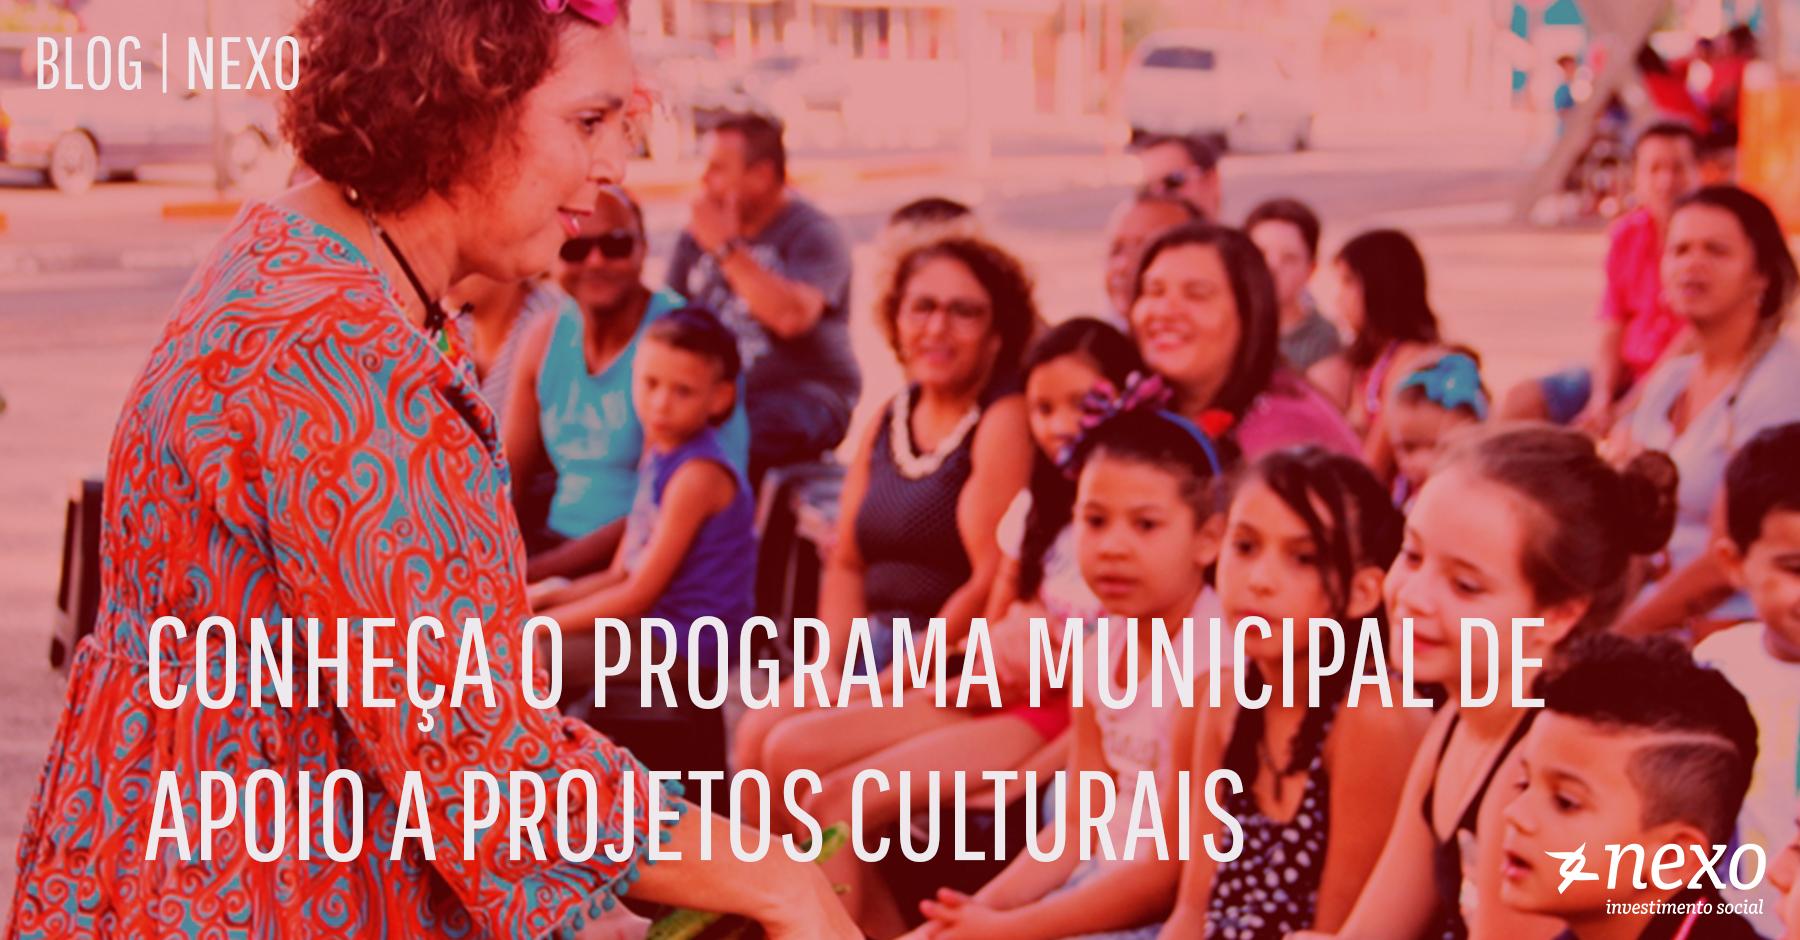 CONHEÇA O PROGRAMA MUNICIPAL DE APOIO A PROJETOS CULTURAIS (PRO-MAC) DE SÃO PAULO